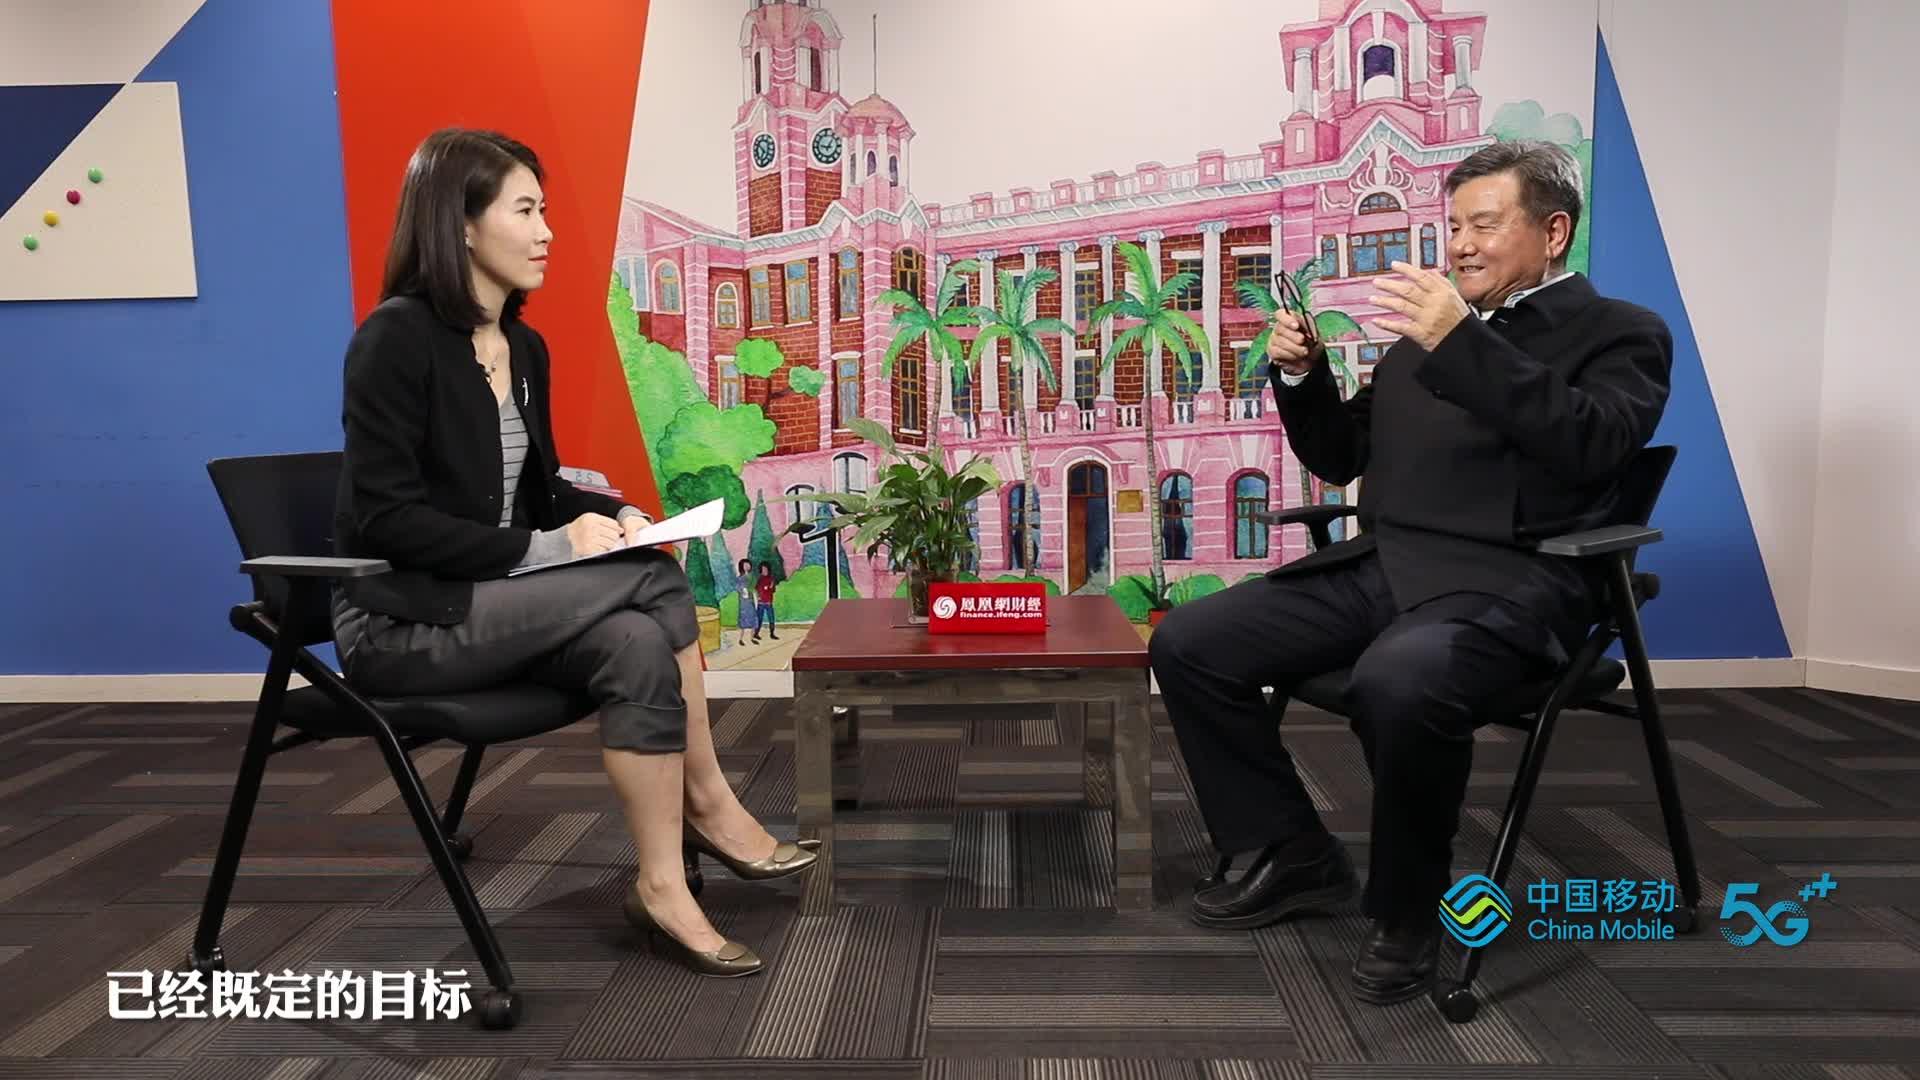 《前行者》张新生:打造精品网络是移动运营商现阶段最重要的工作